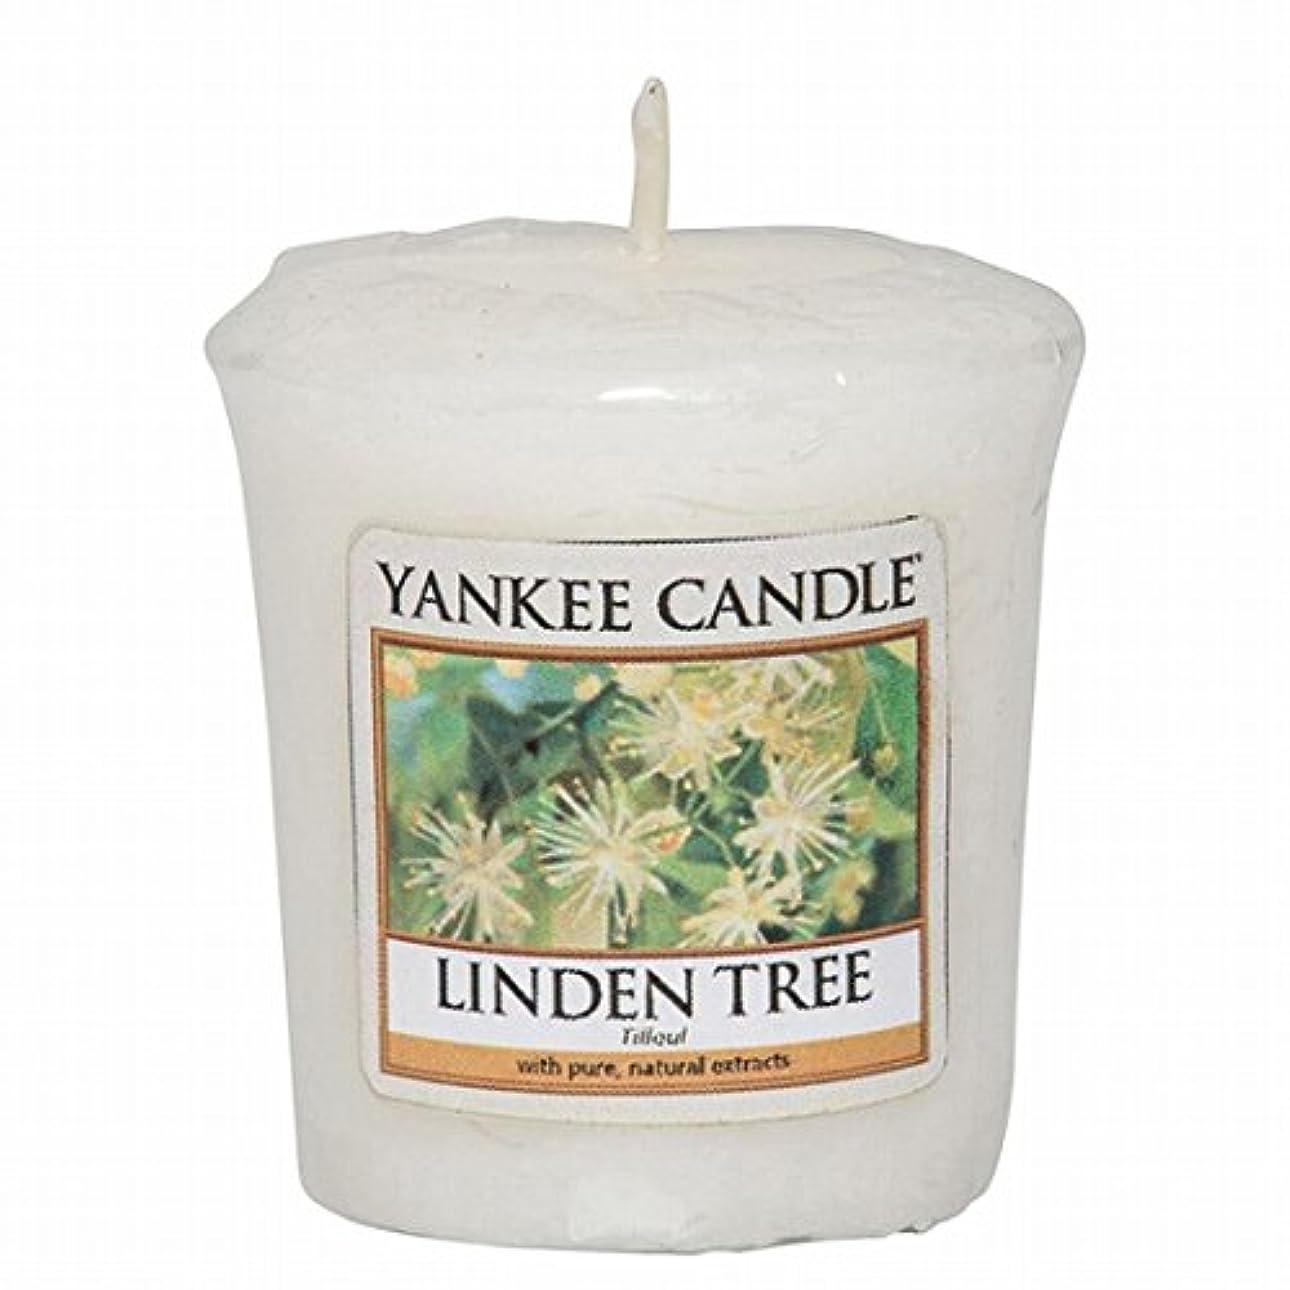 ヤンキーキャンドル(YANKEE CANDLE) YANKEE CANDLE サンプラー 「リンデンツリー」